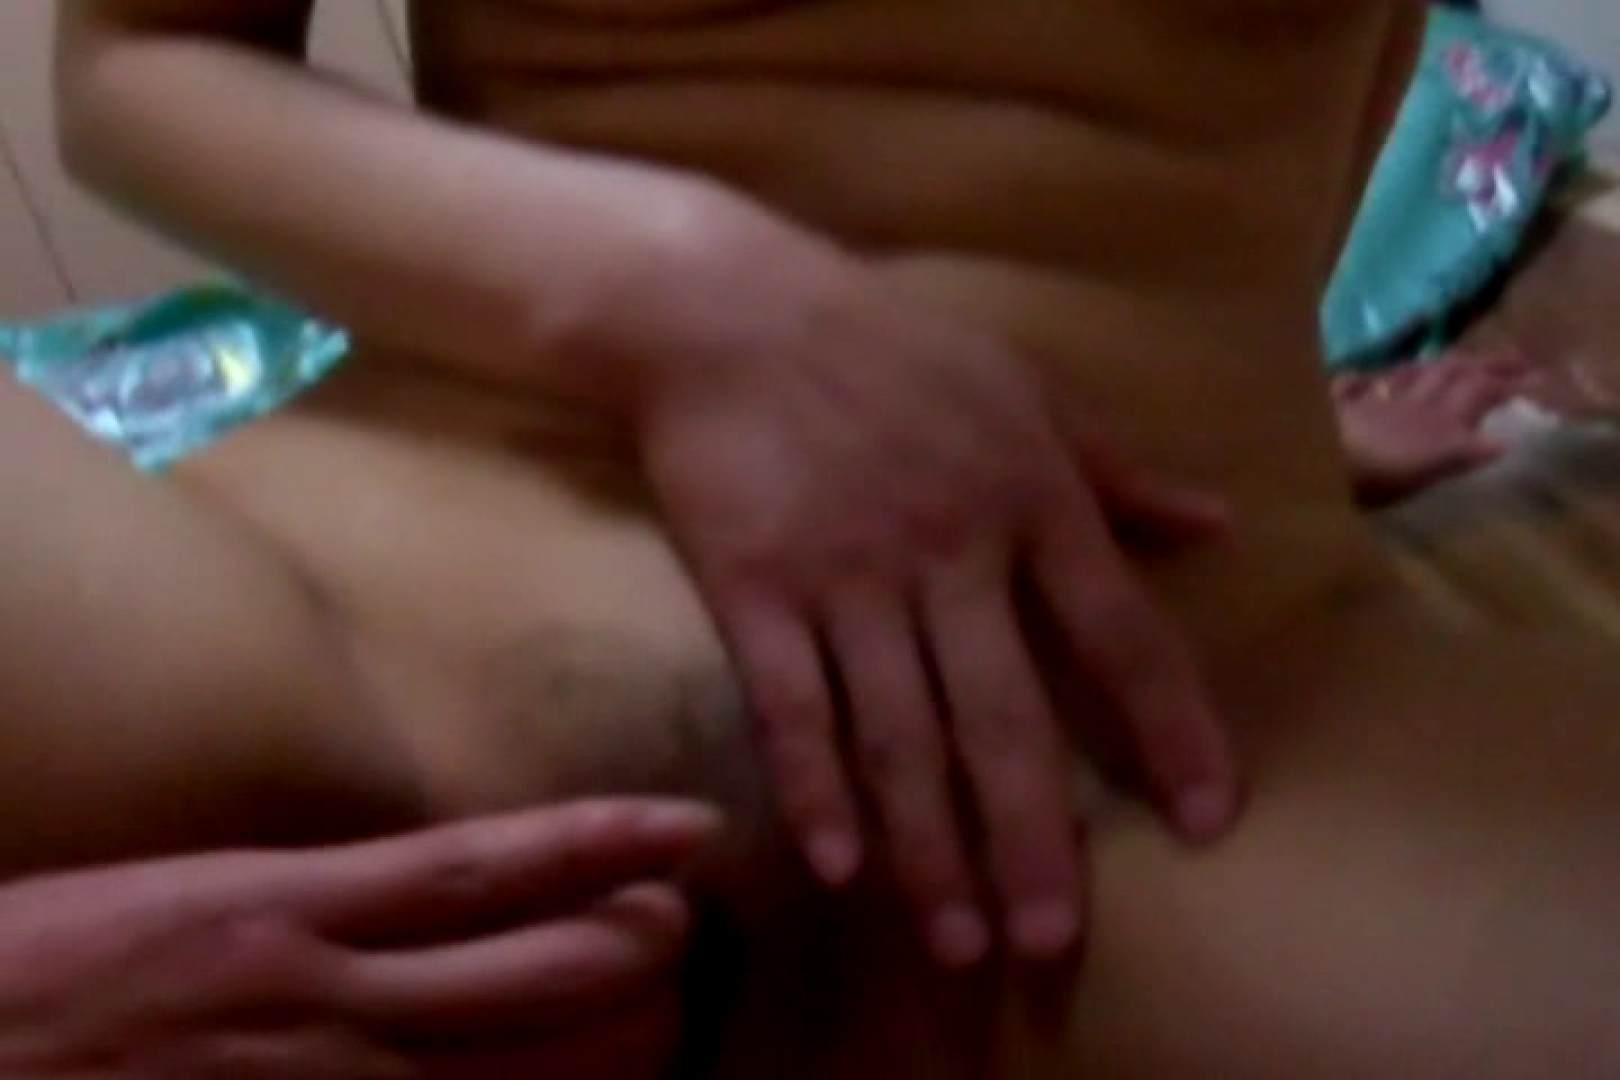 ウイルス流出 Ownerのハメ撮り映像 無修正マンコ  61PIX 24